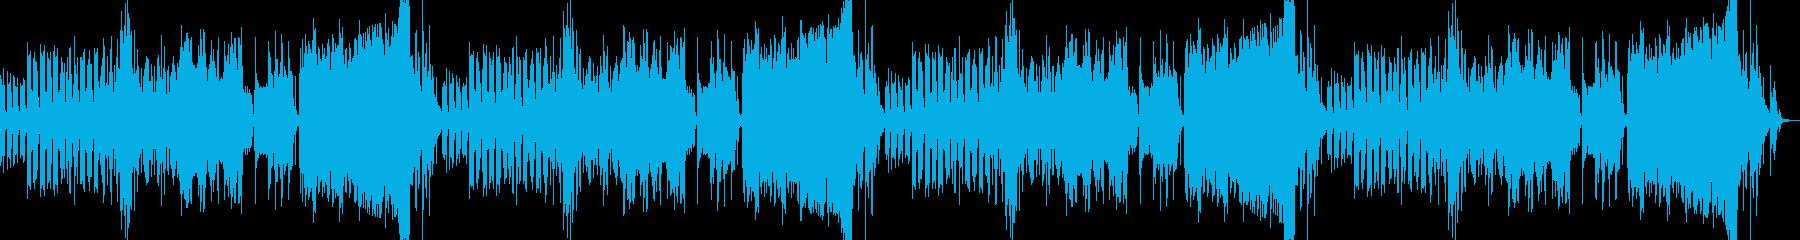 雄大で神秘的なピアノとハープによるBGMの再生済みの波形